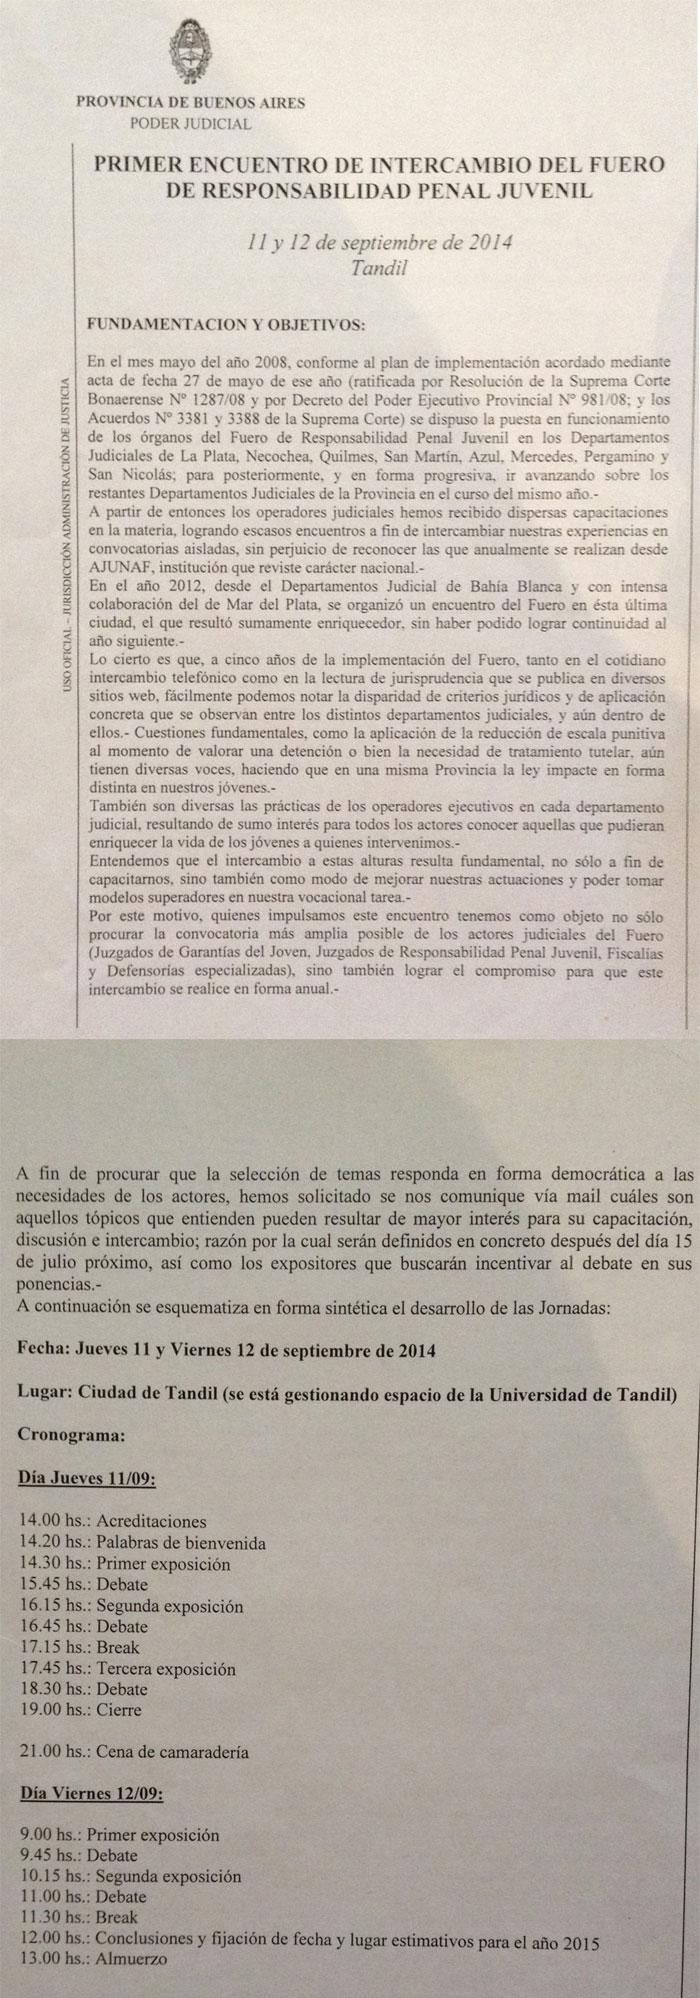 PRIMER ENCUENTRO DE INTERCAMBIO DEL FUERO DE RESPONSABILIDAD PENAL